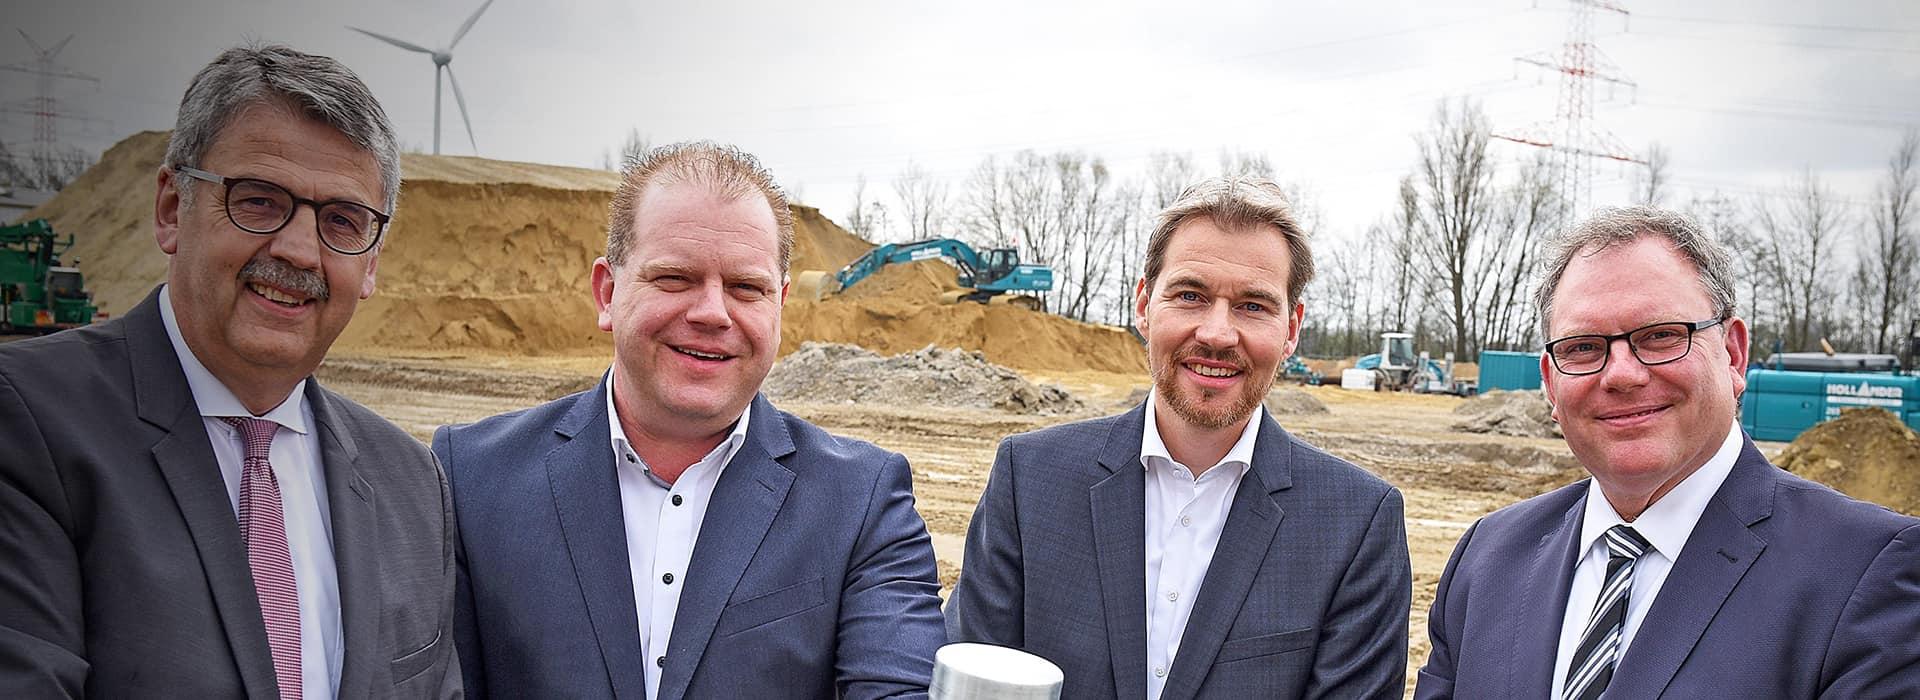 Grundsteinlegung in Bremen - ein neuer moderner Logistikneubau für zahlreiche Dienstleistungen von B+S.